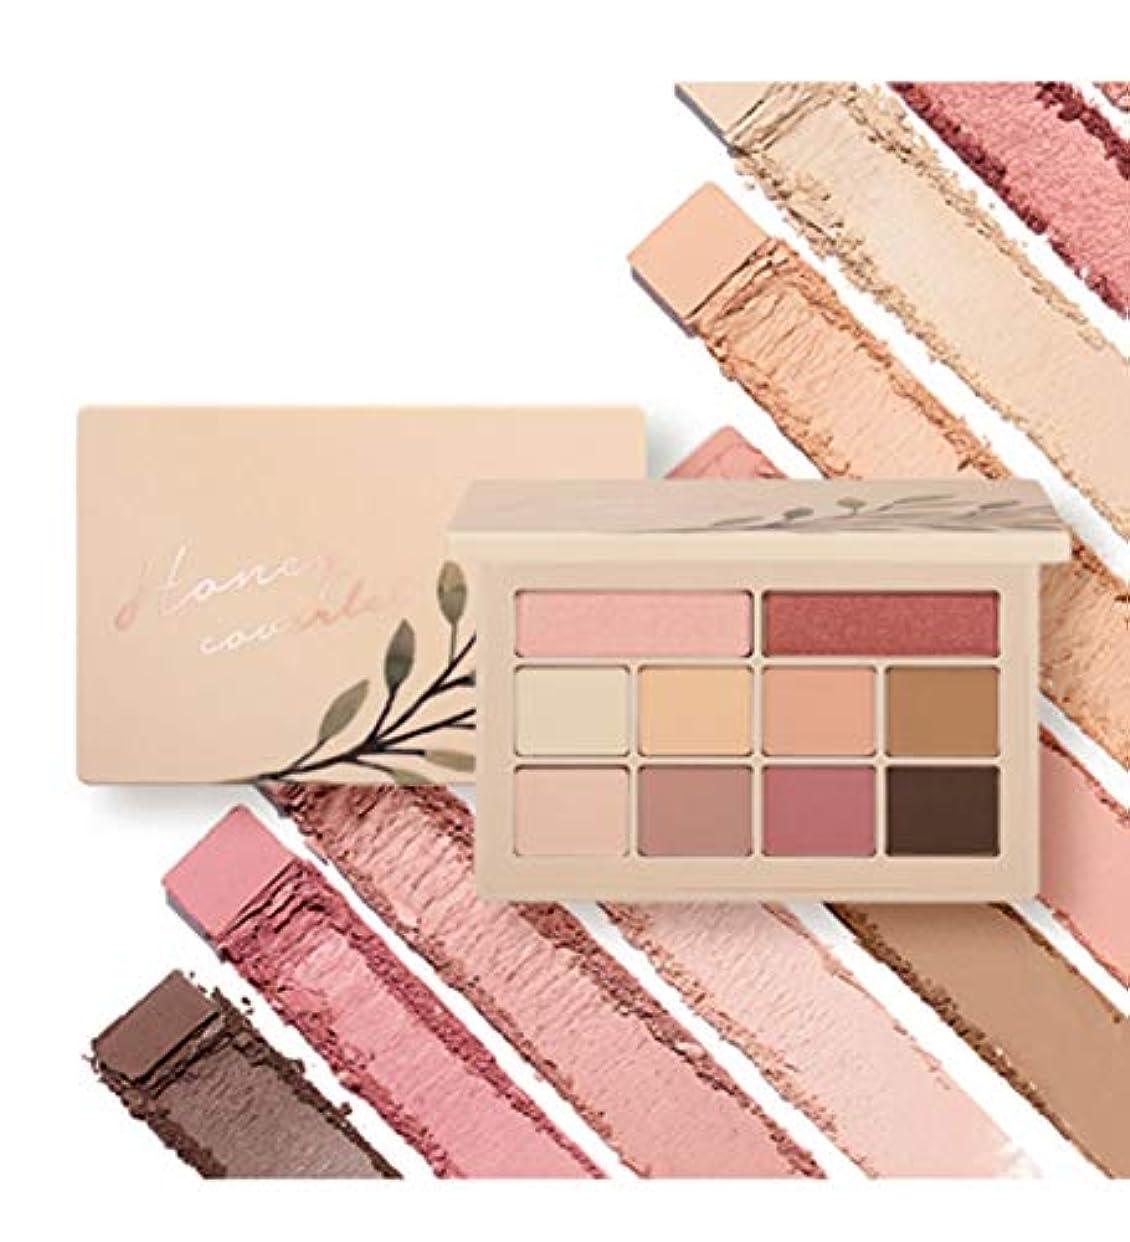 憂慮すべき遅れギャングMoonshot Honey Coverlet Eyeshadow Palette YOO IN-NA COLLECTIONwarm tone&cool tone 10色のアイシャドウ(並行輸入品)